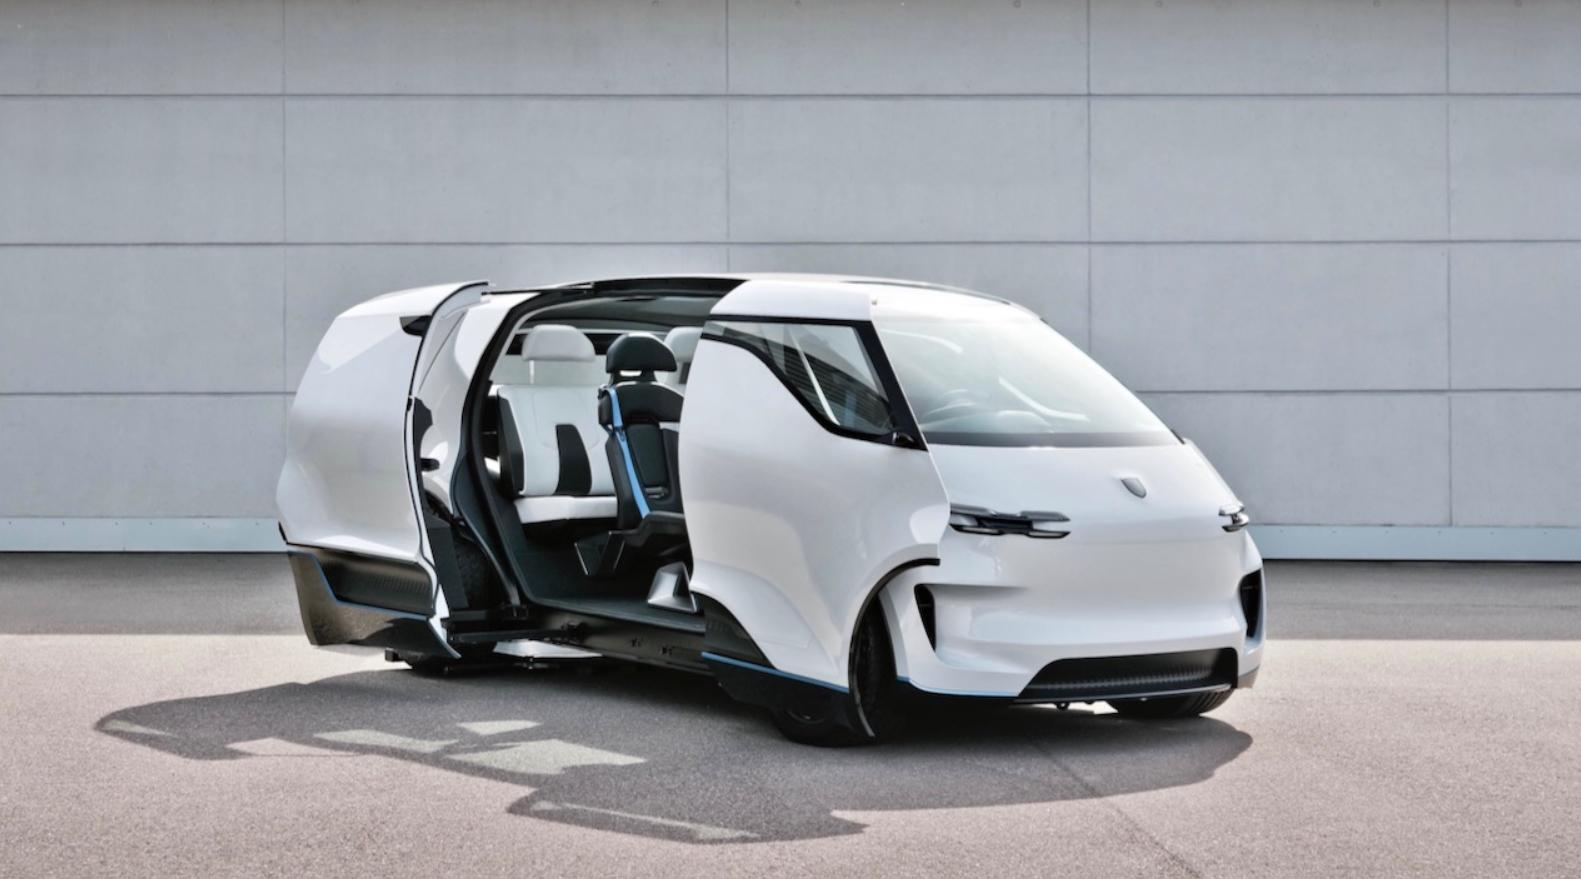 porsche vision renndienst: ¿Los fabricantes de automóviles se han vuelto locos? 4